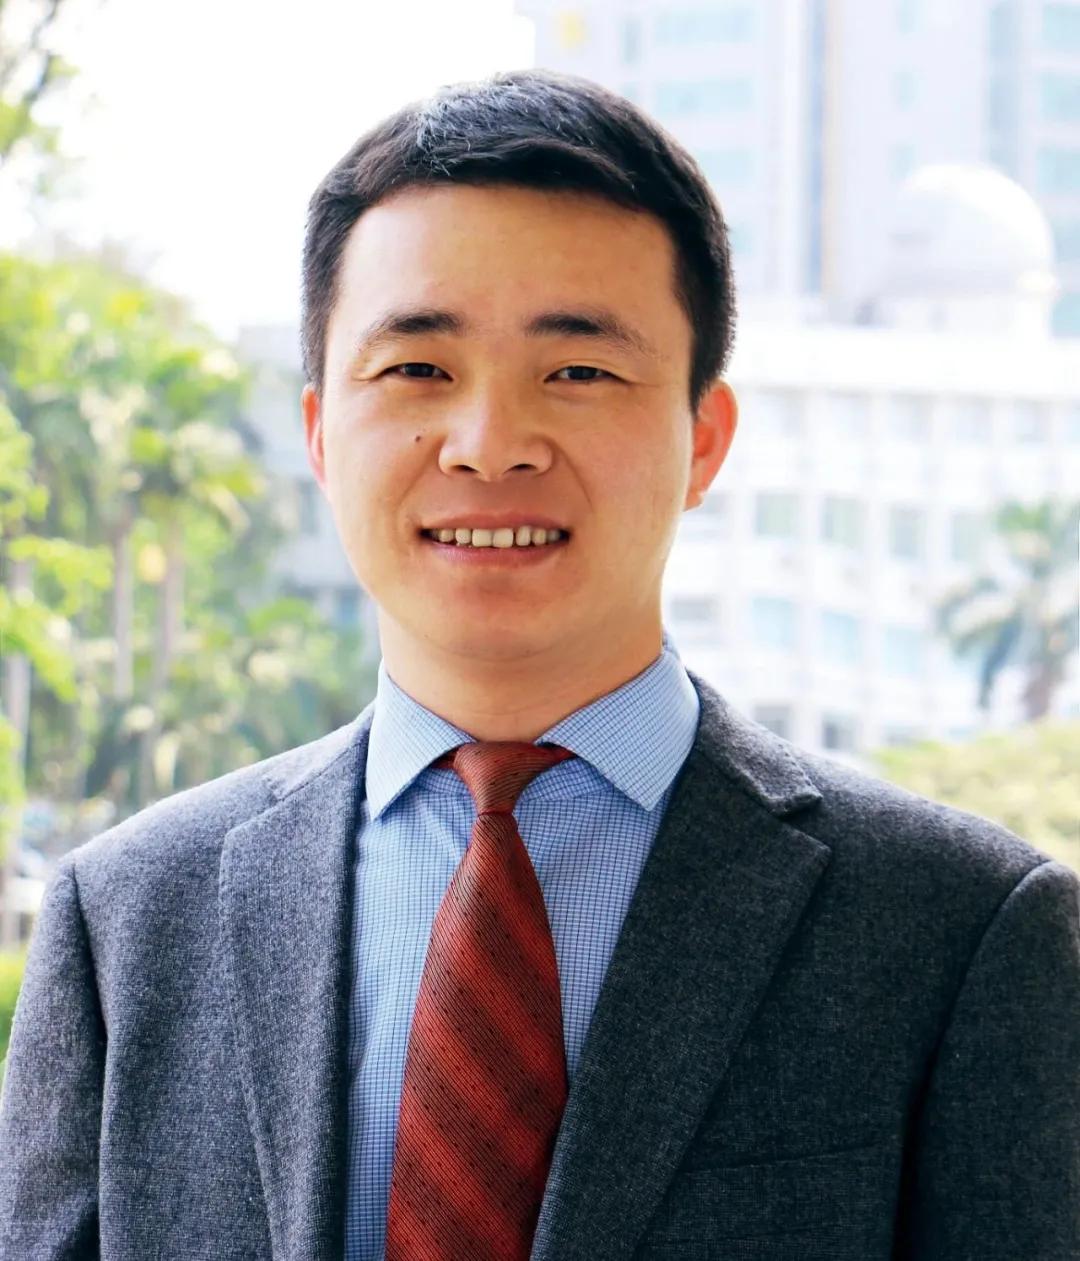 在线学习研究丨华南师范大学教授胡小勇:优化在线教育,促进教育全程公平